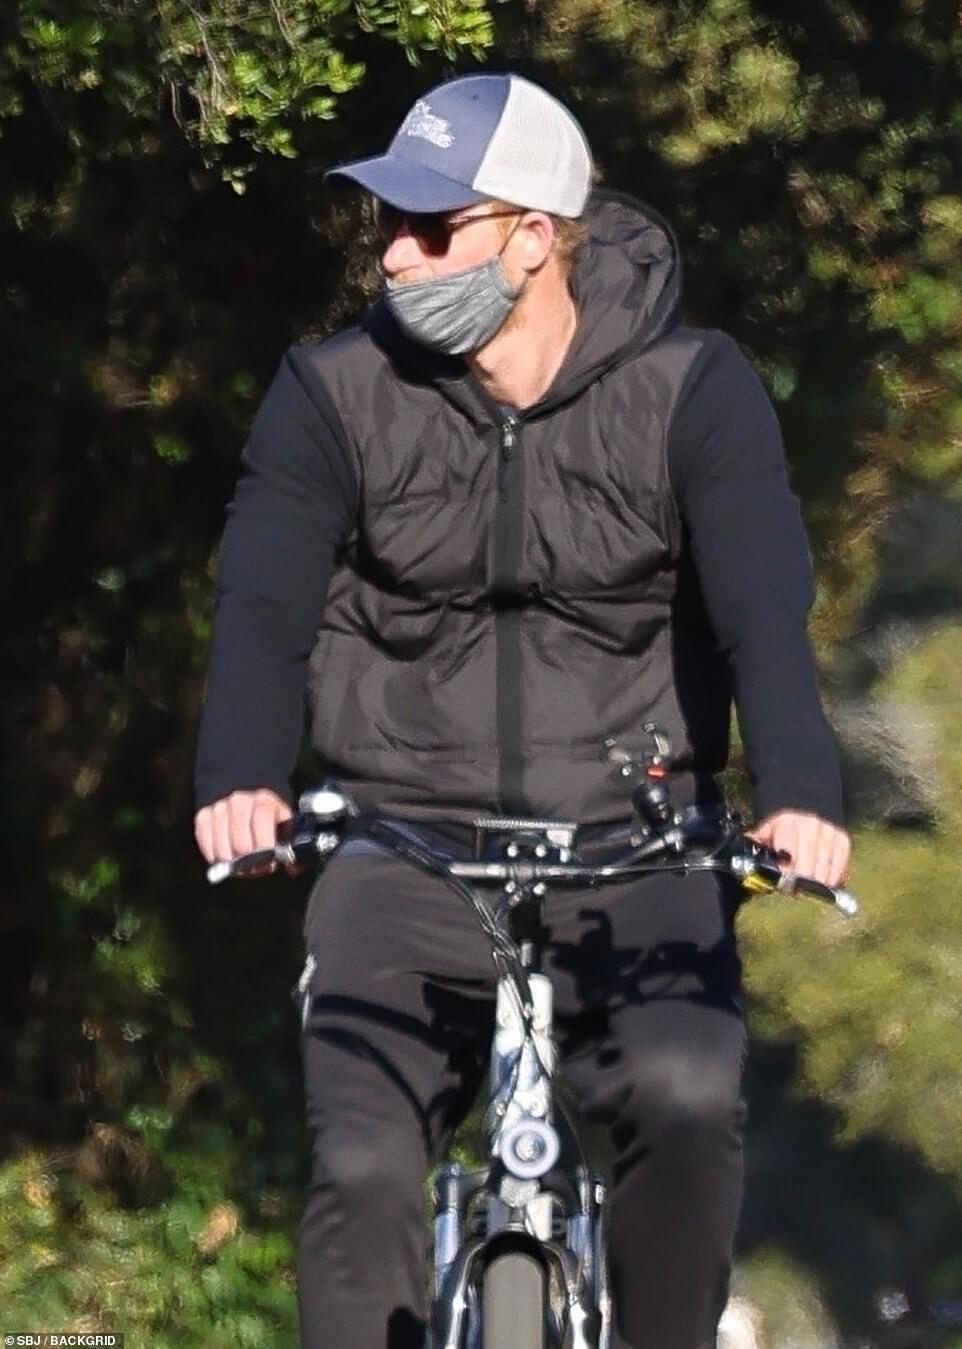 Для прогулки на велосипеде принц Гарри выбрал довольно скромный наряд